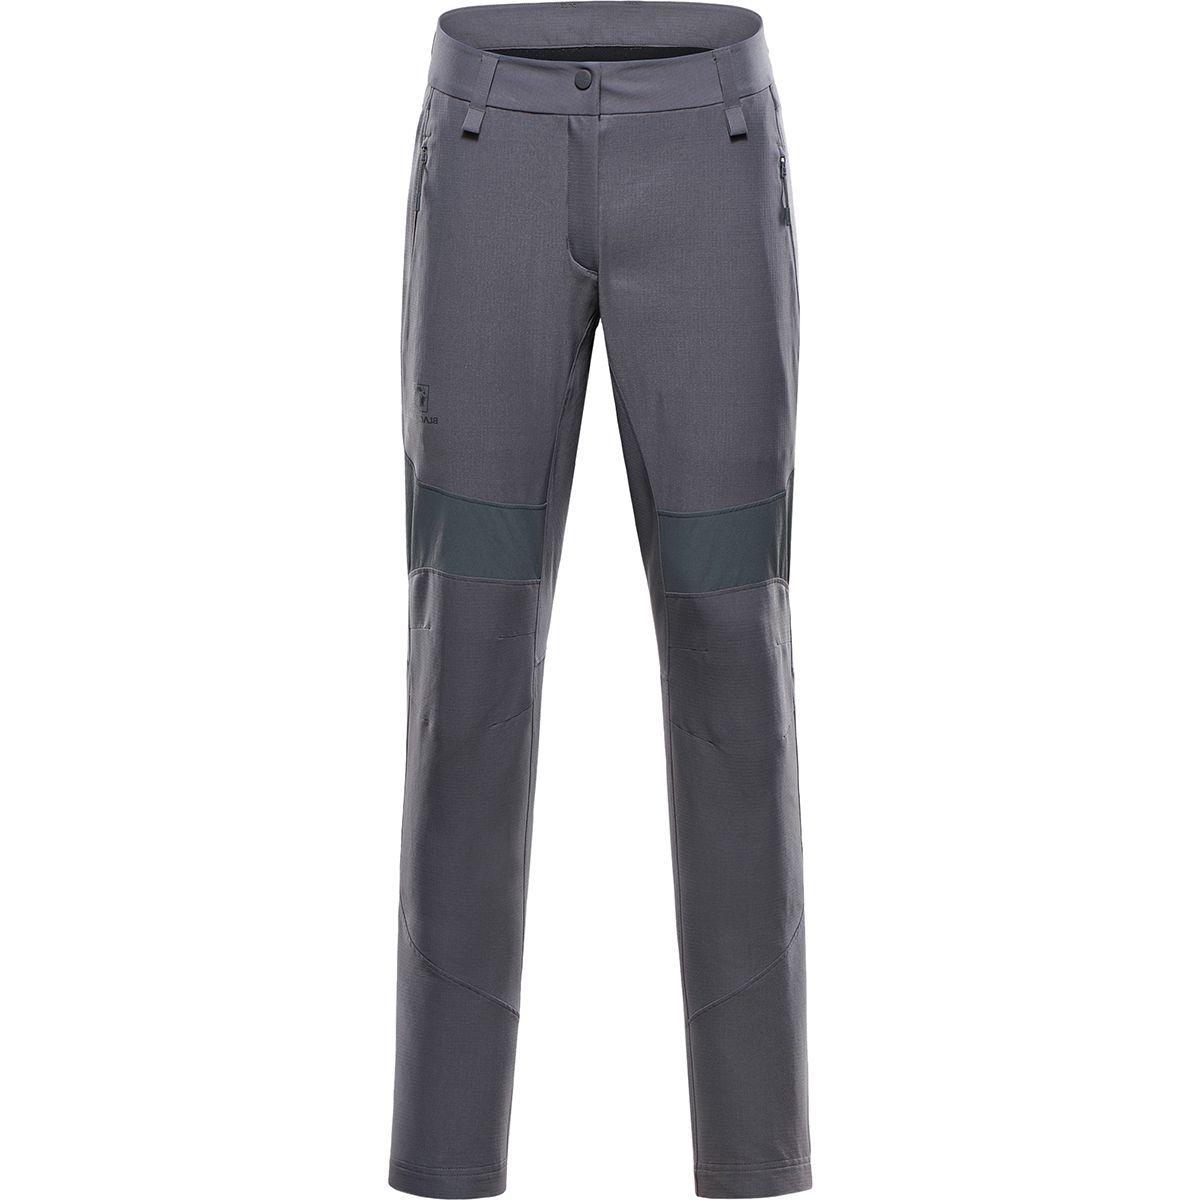 BLACKYAK Canchim Pant - Men's